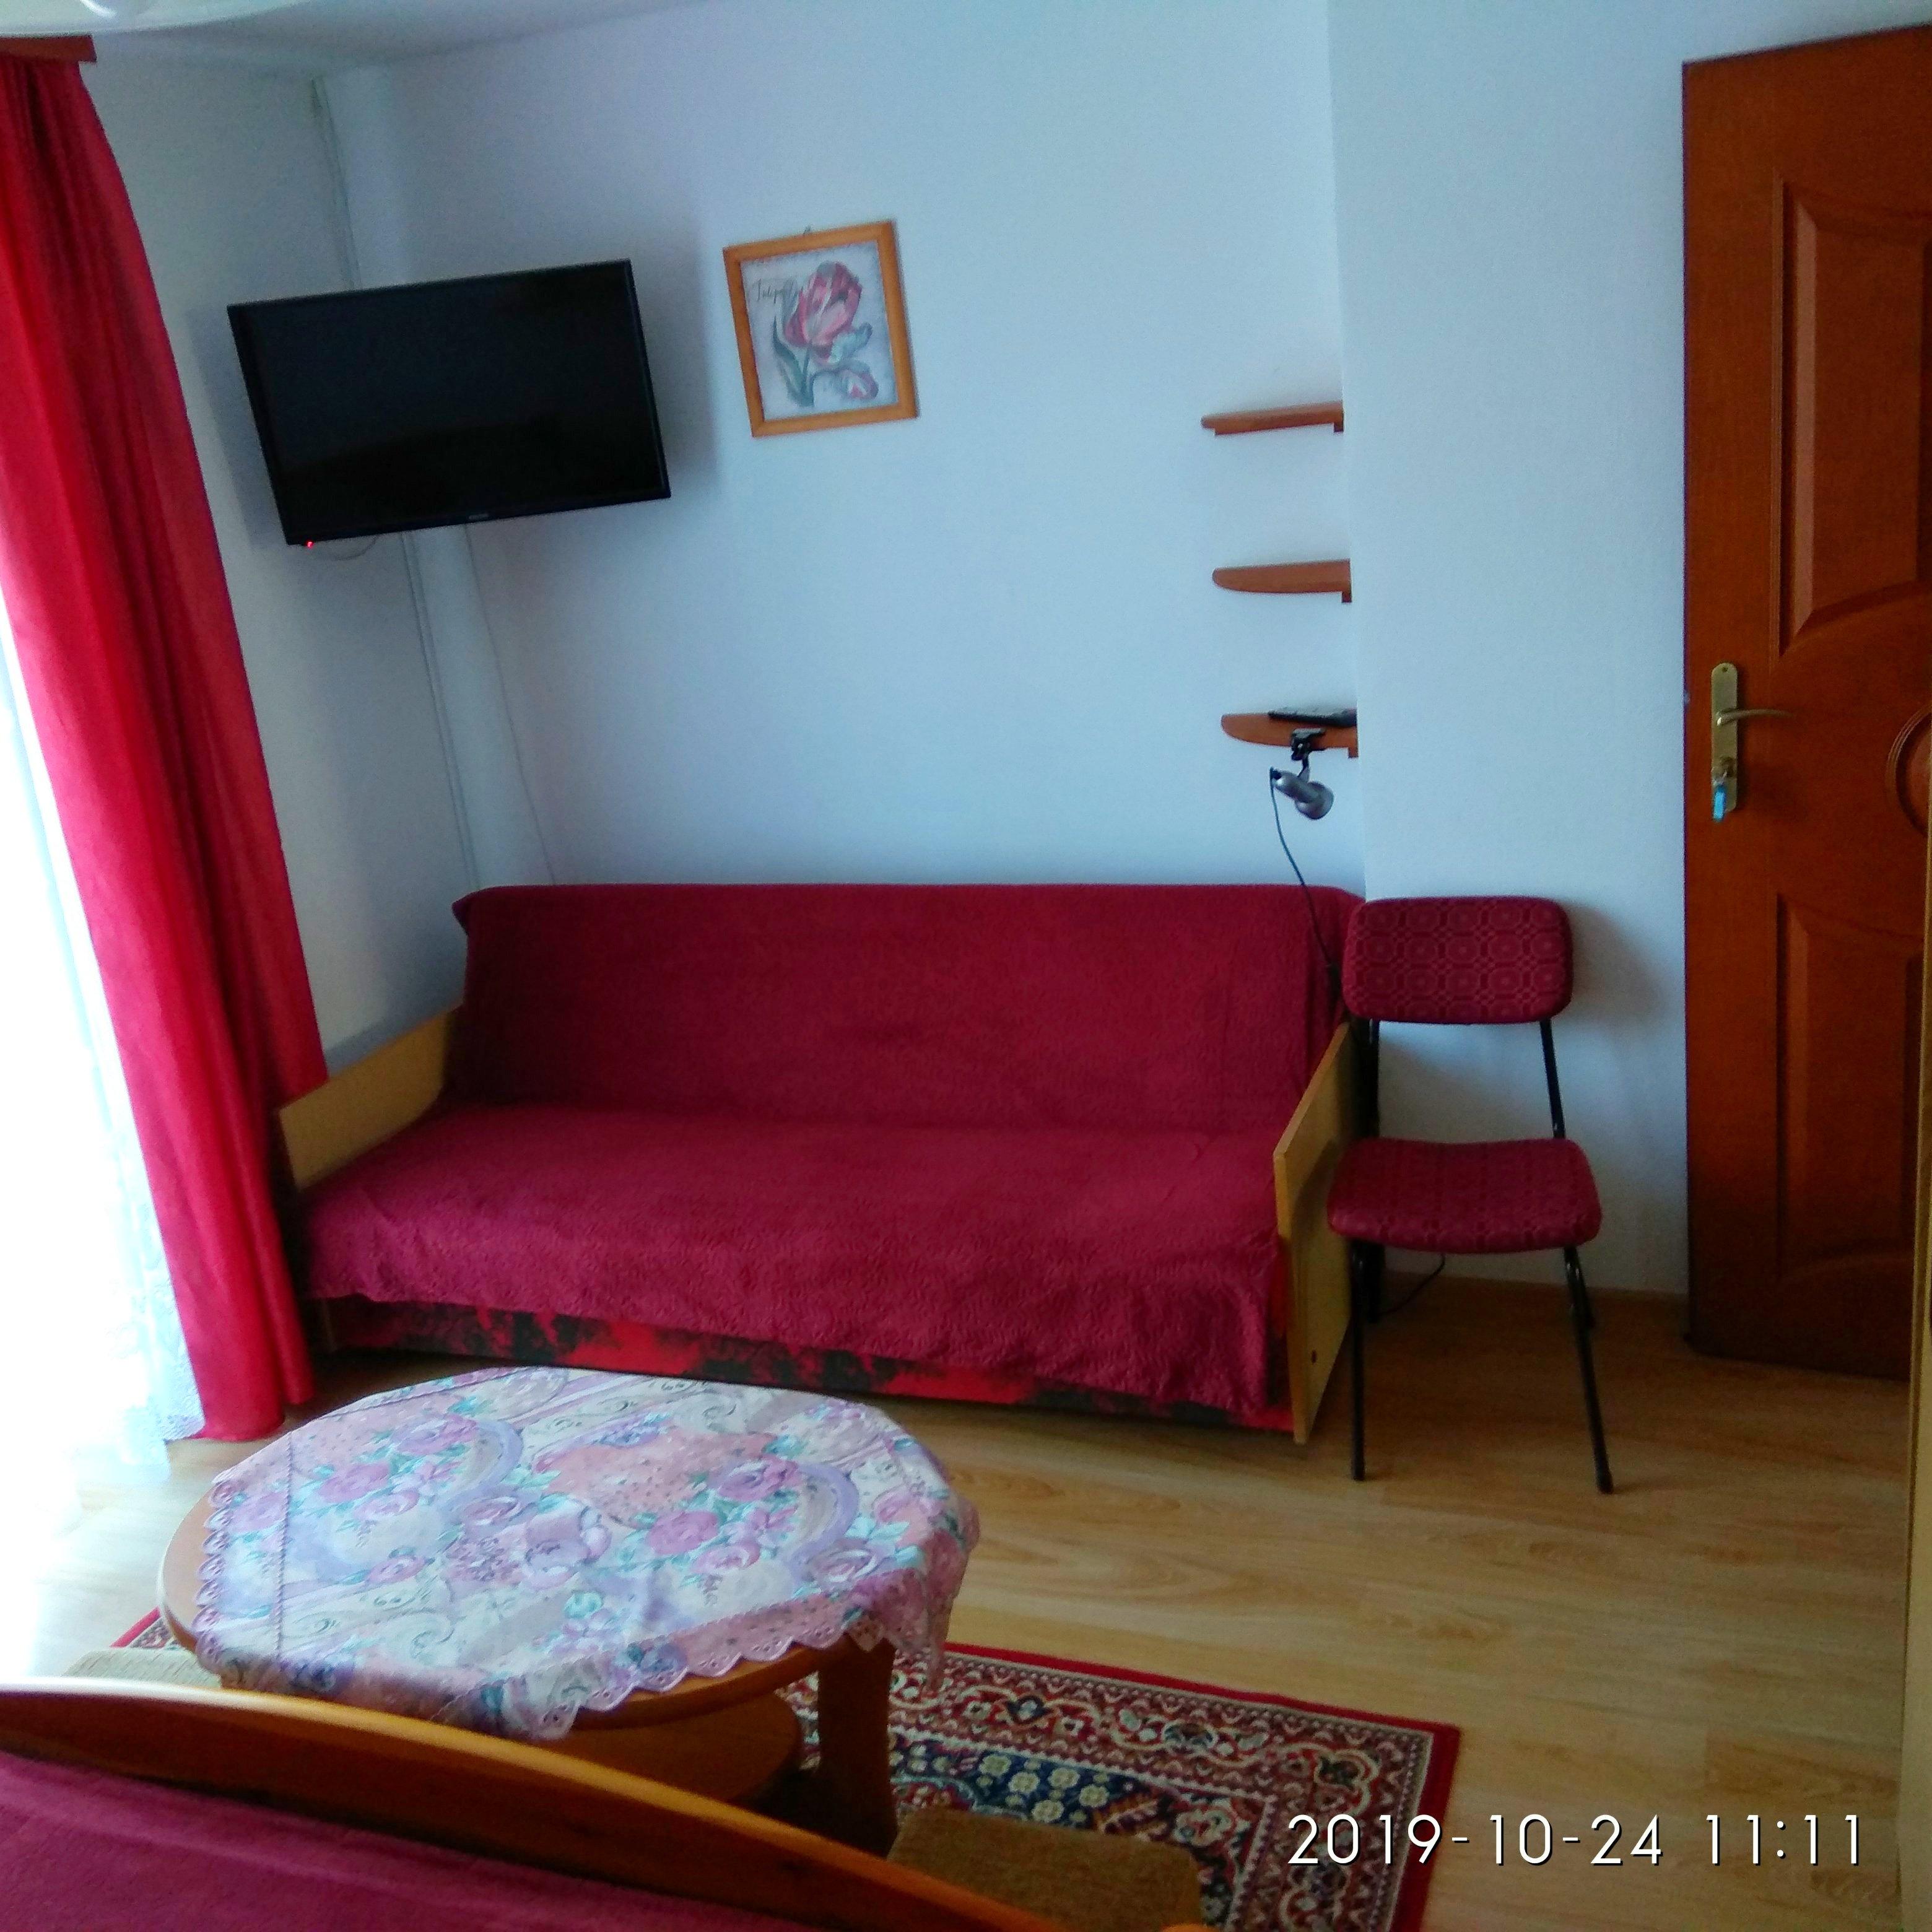 kanapa w pokoju gościnnym